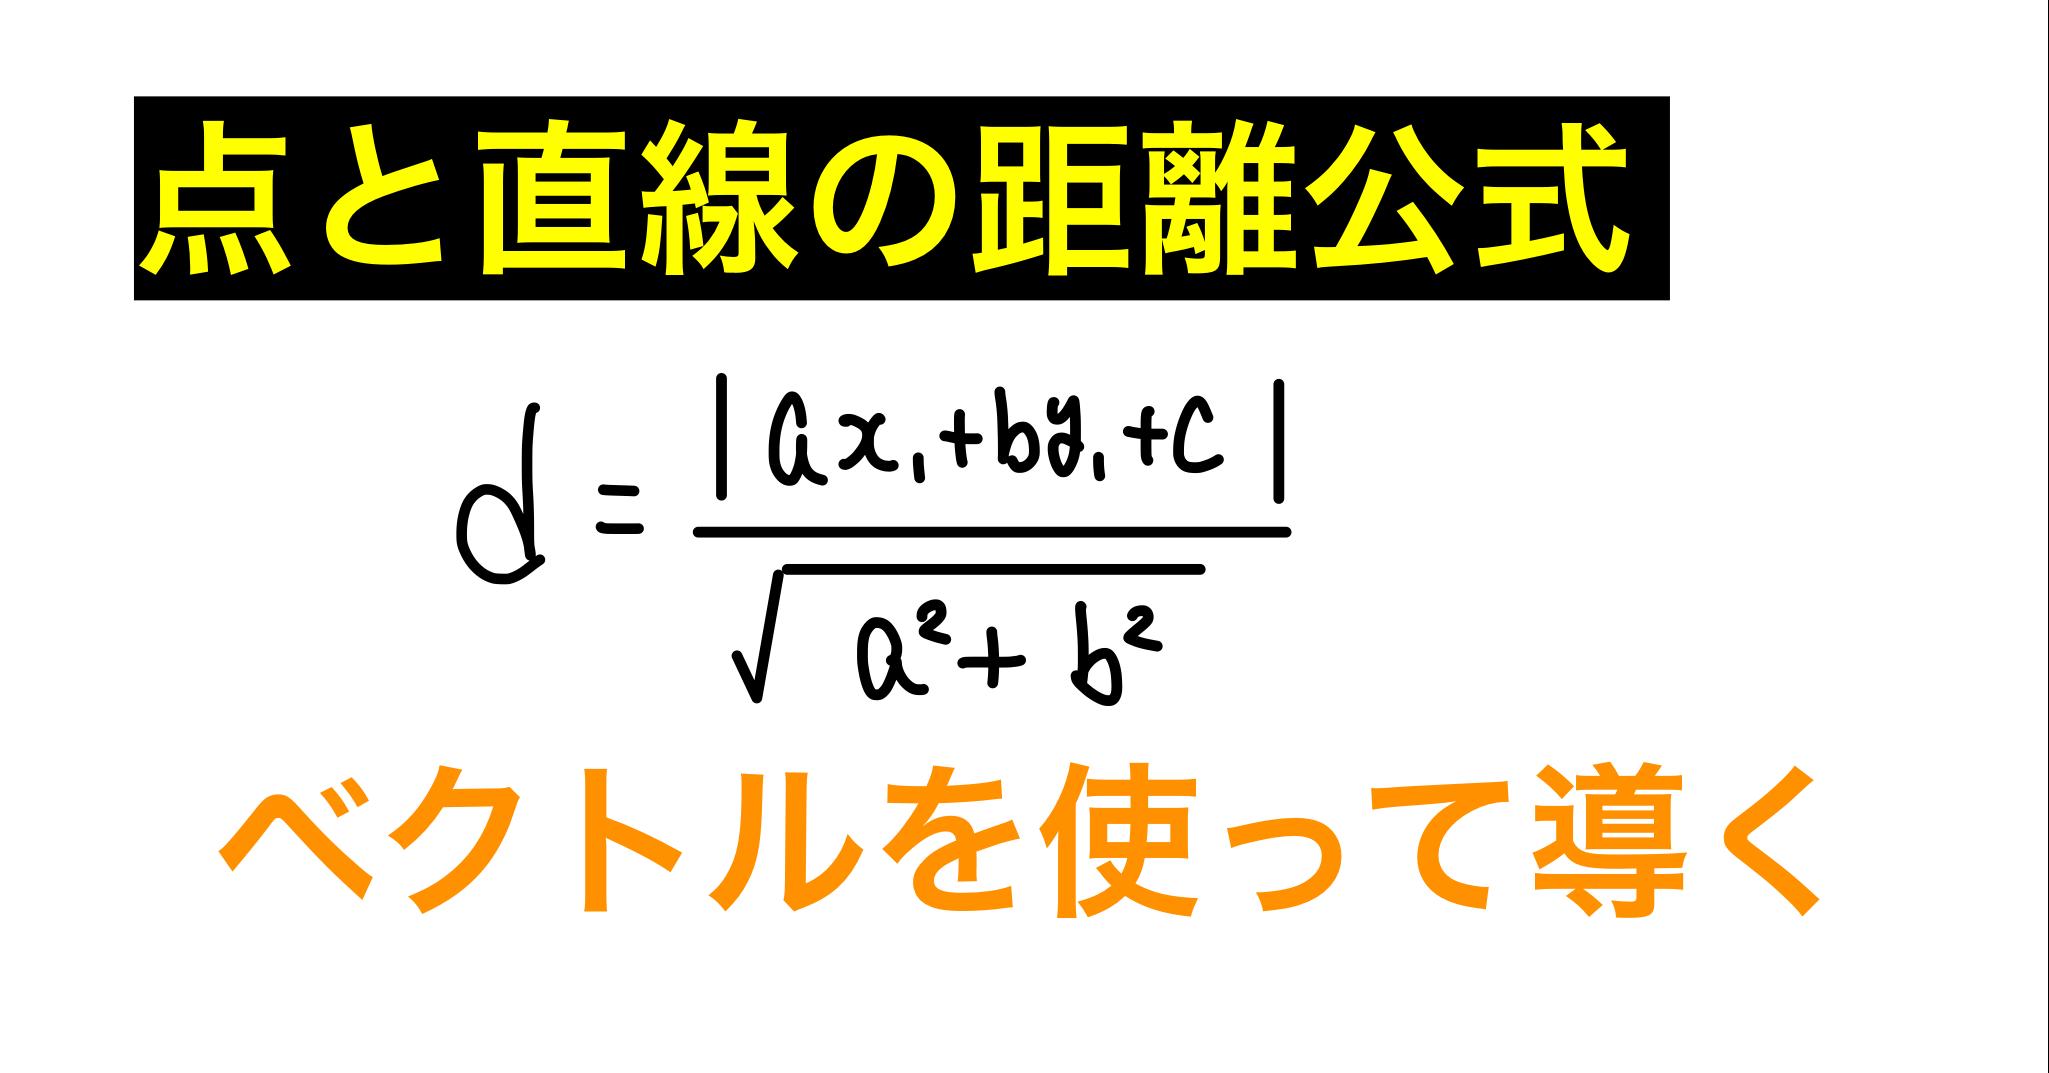 点と直線の距離公式をベクトルを使って導く   すうがくブログ【式変形ch】